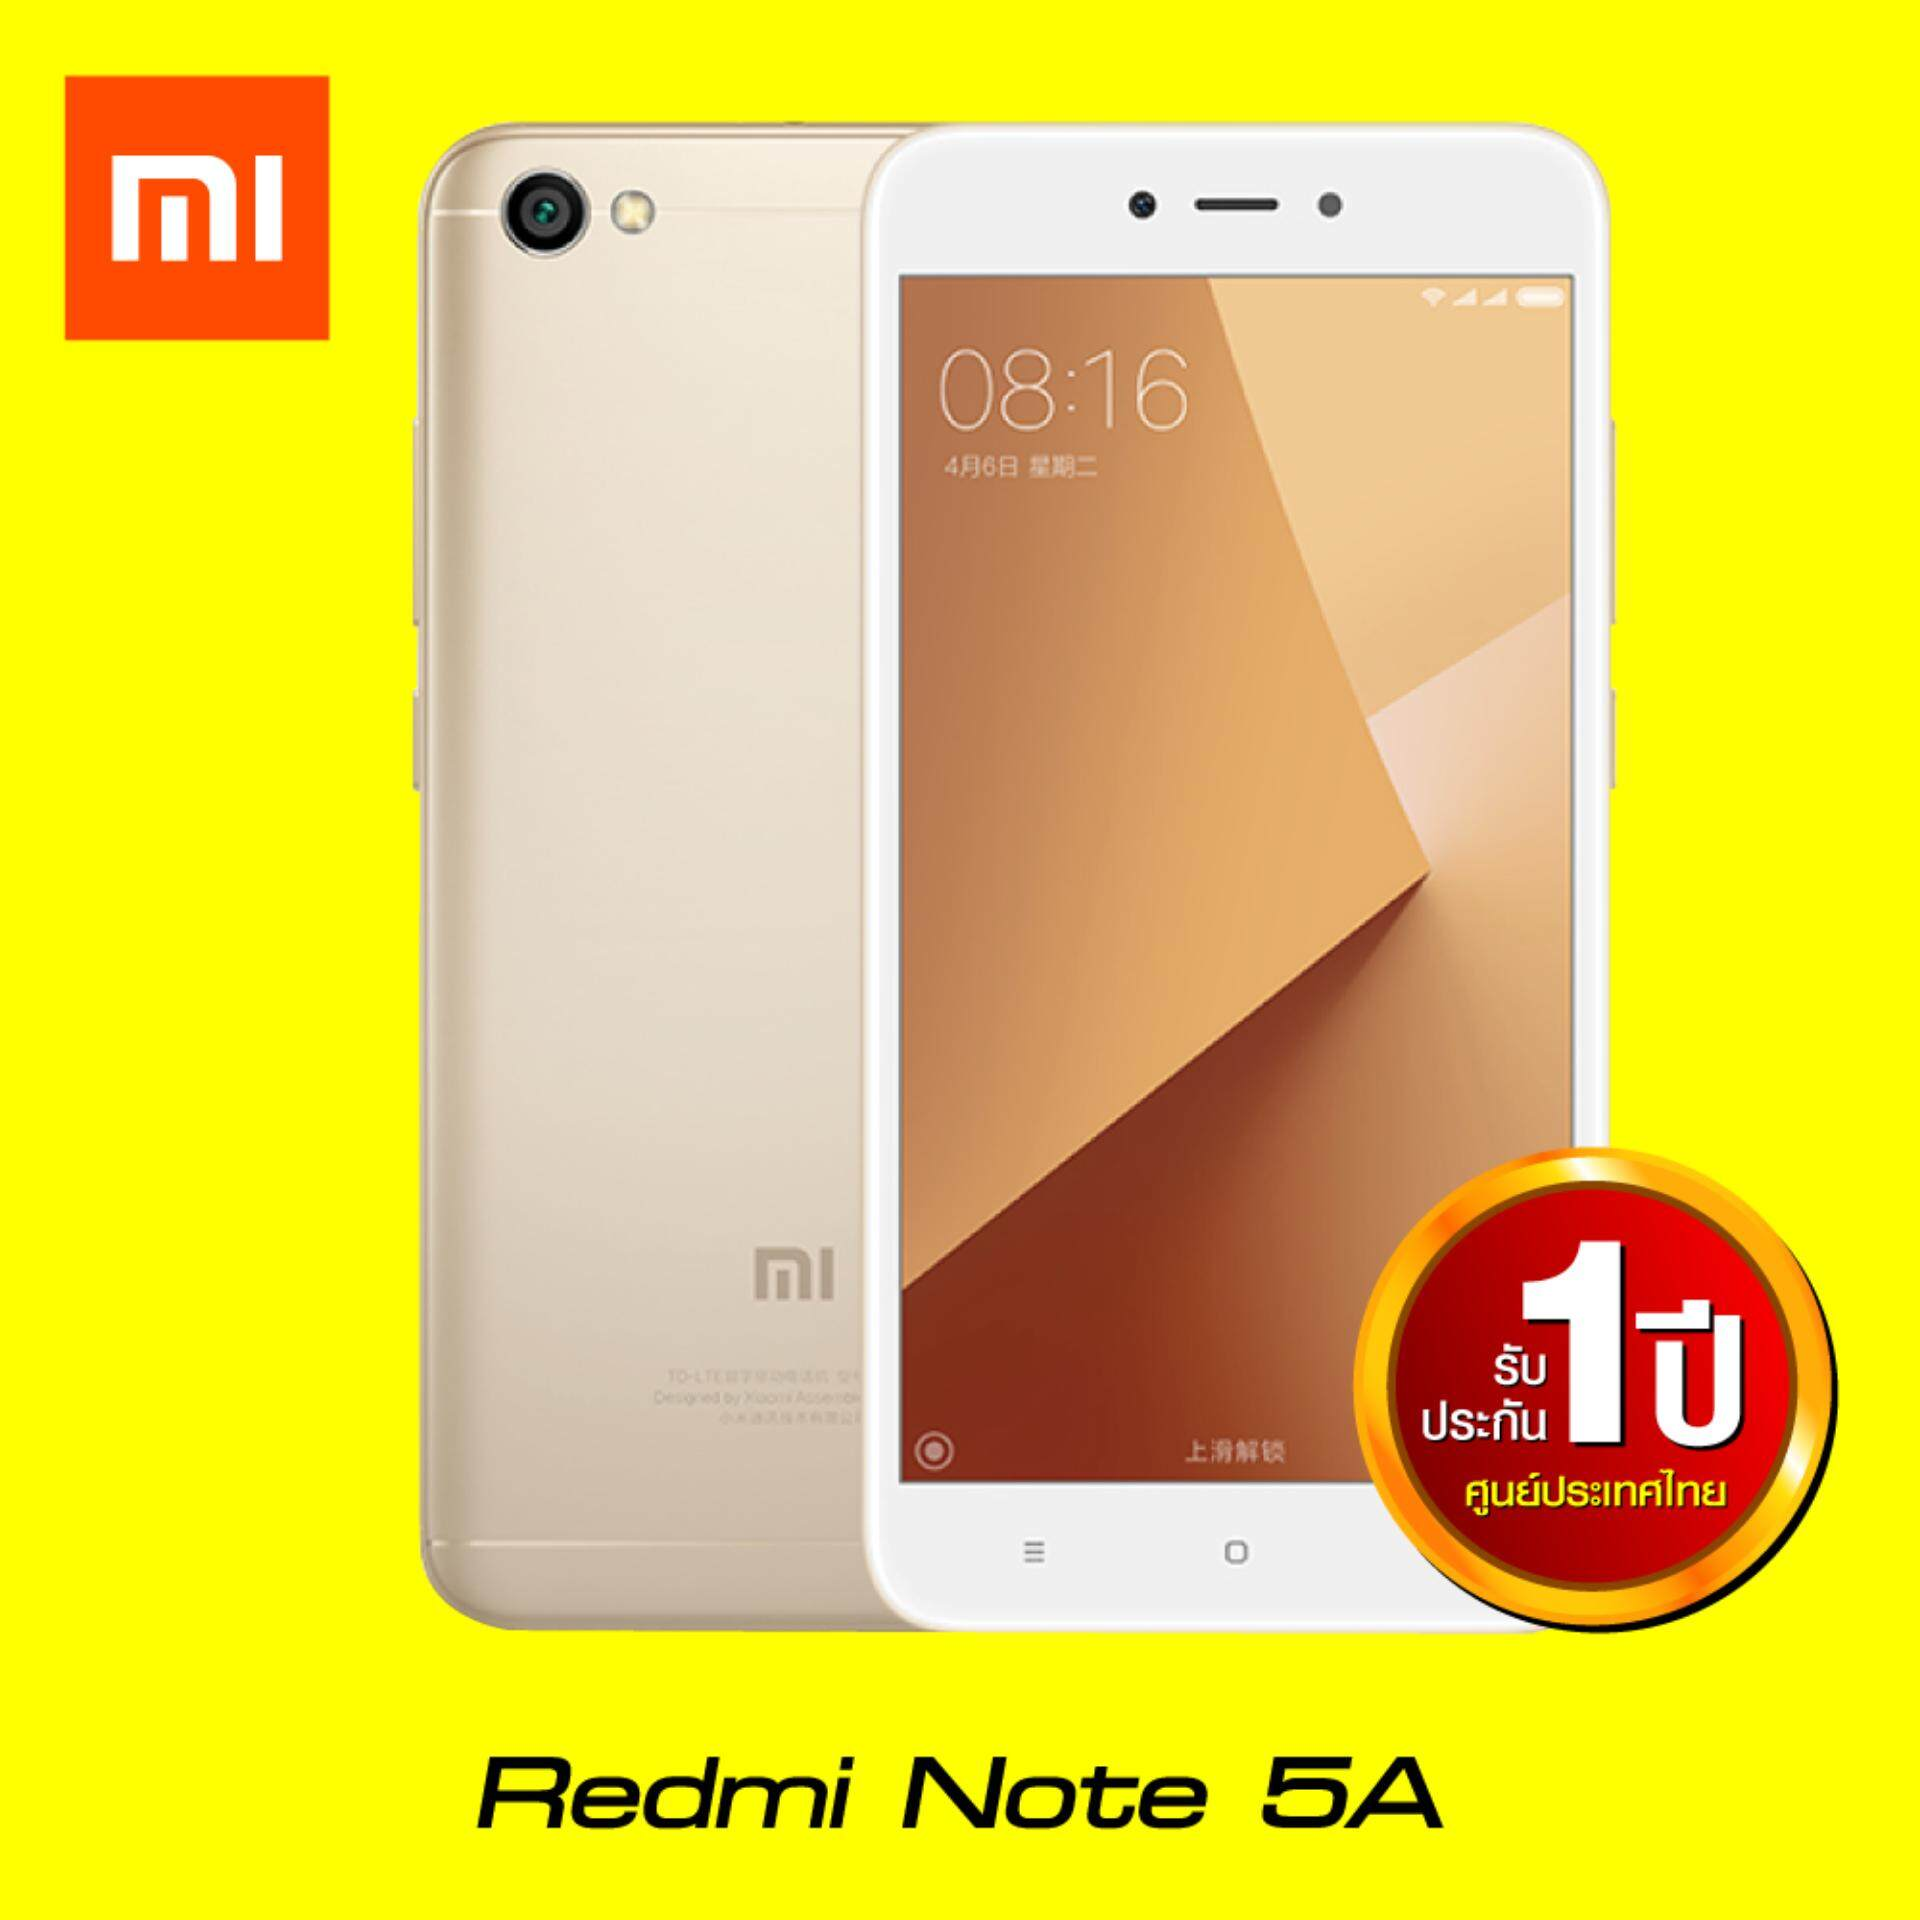 ราคา Xiaomi Redmi Note 5A 2 16Gb รับประกันศูนย์ไทย 1 ปีเต็ม Xiaomi เป็นต้นฉบับ